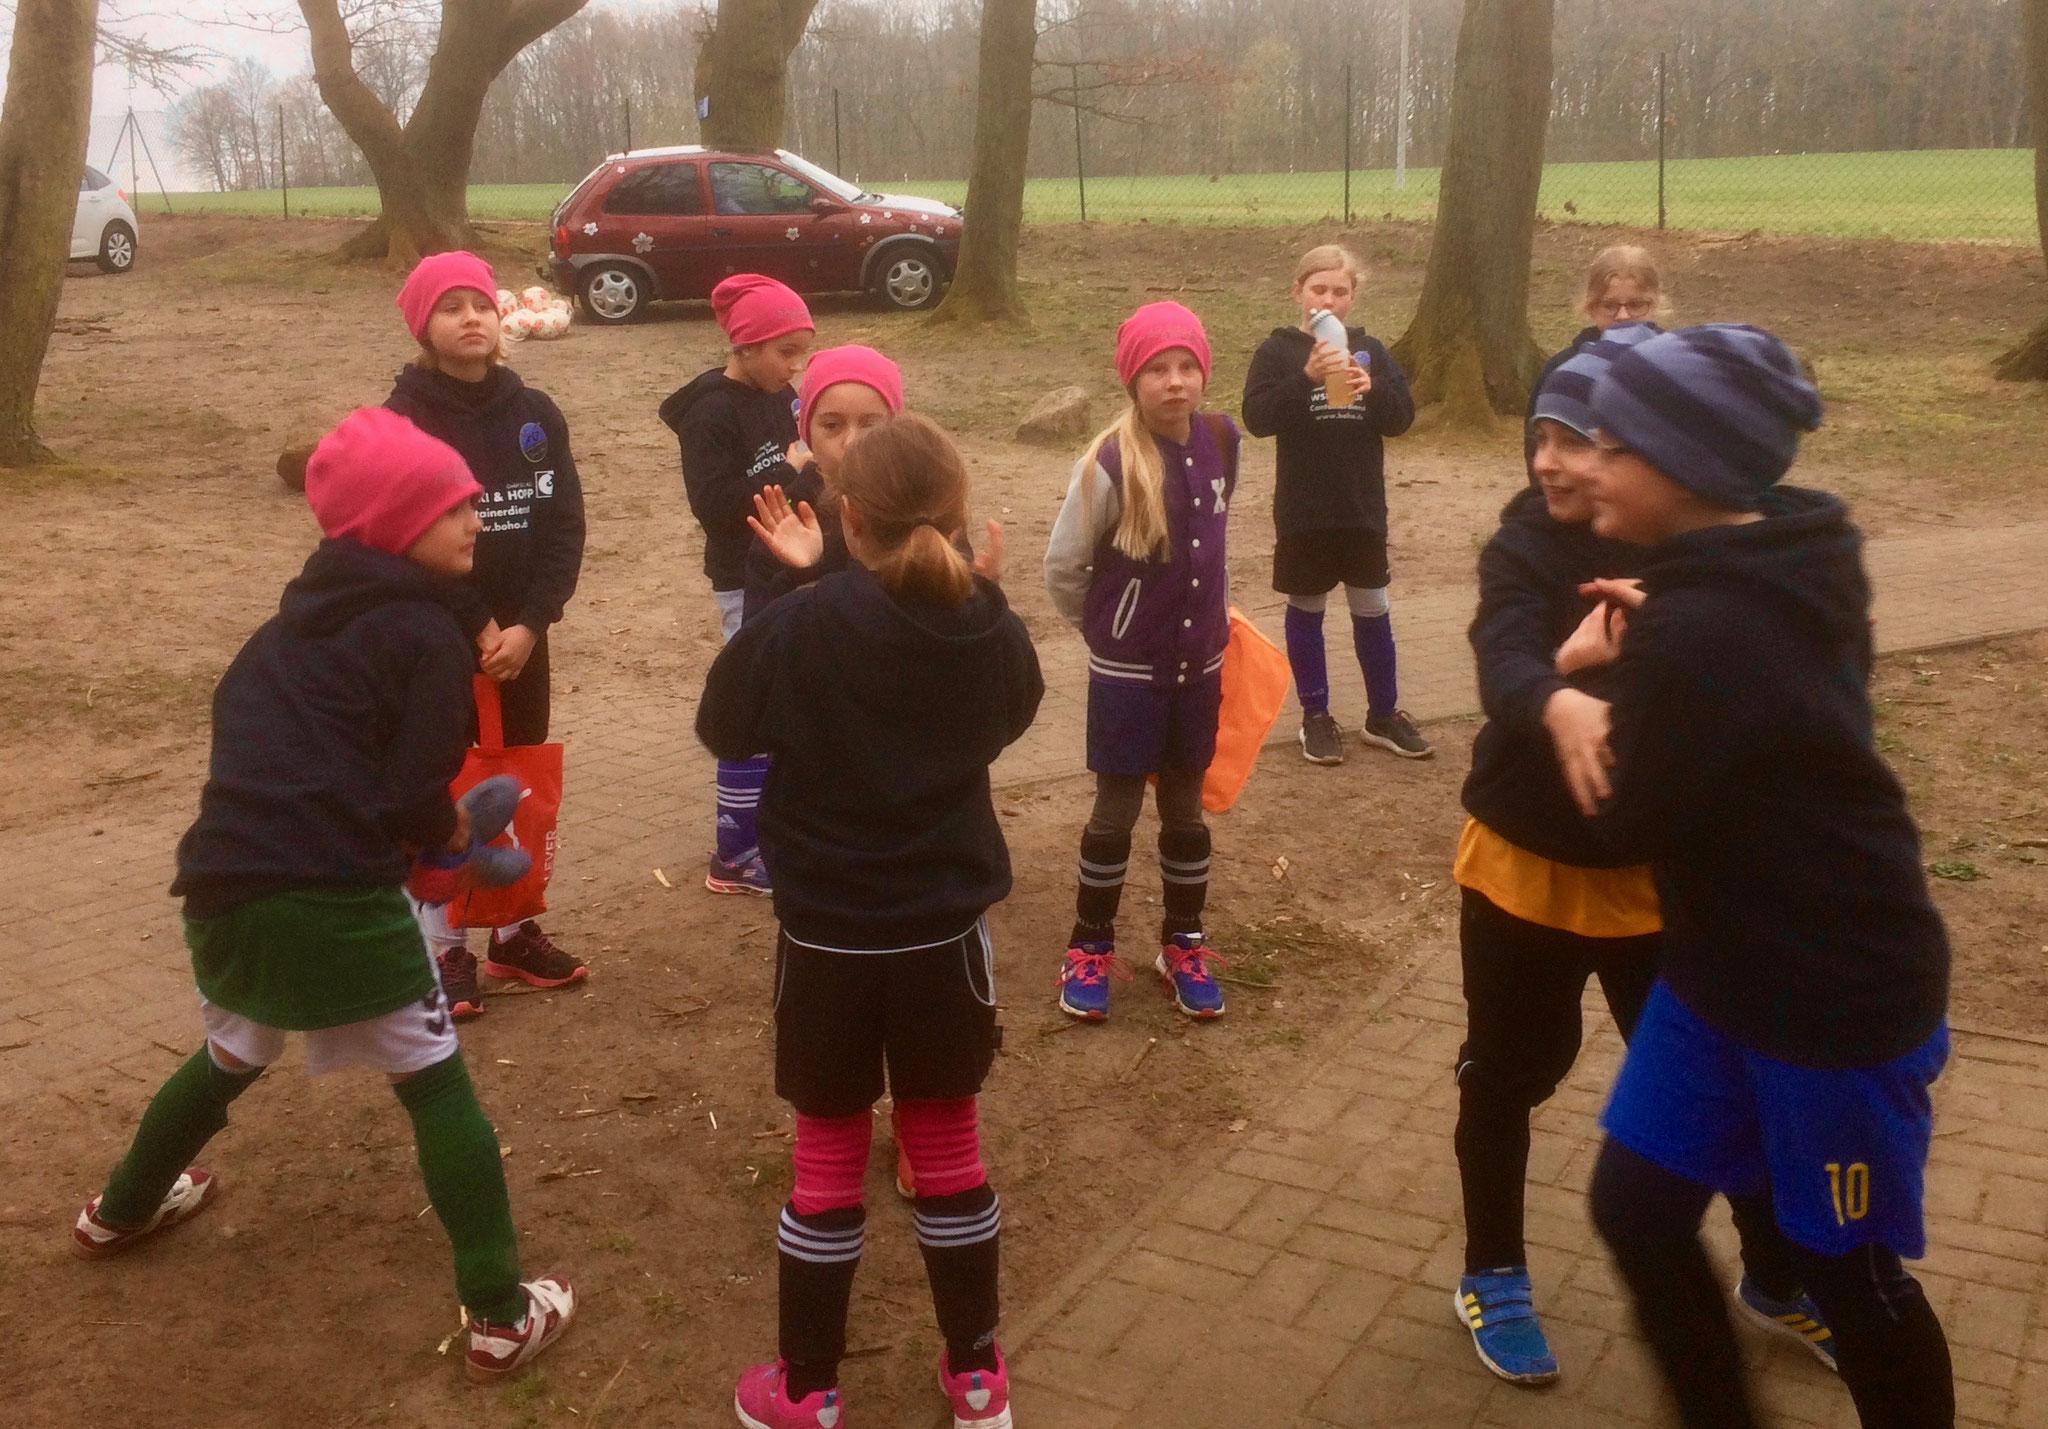 Es war ein richtig tolles Wochenende! Sehr schön zu sehen, wie die Mädchen auch teamübergreifend zusammengewachsen sind.